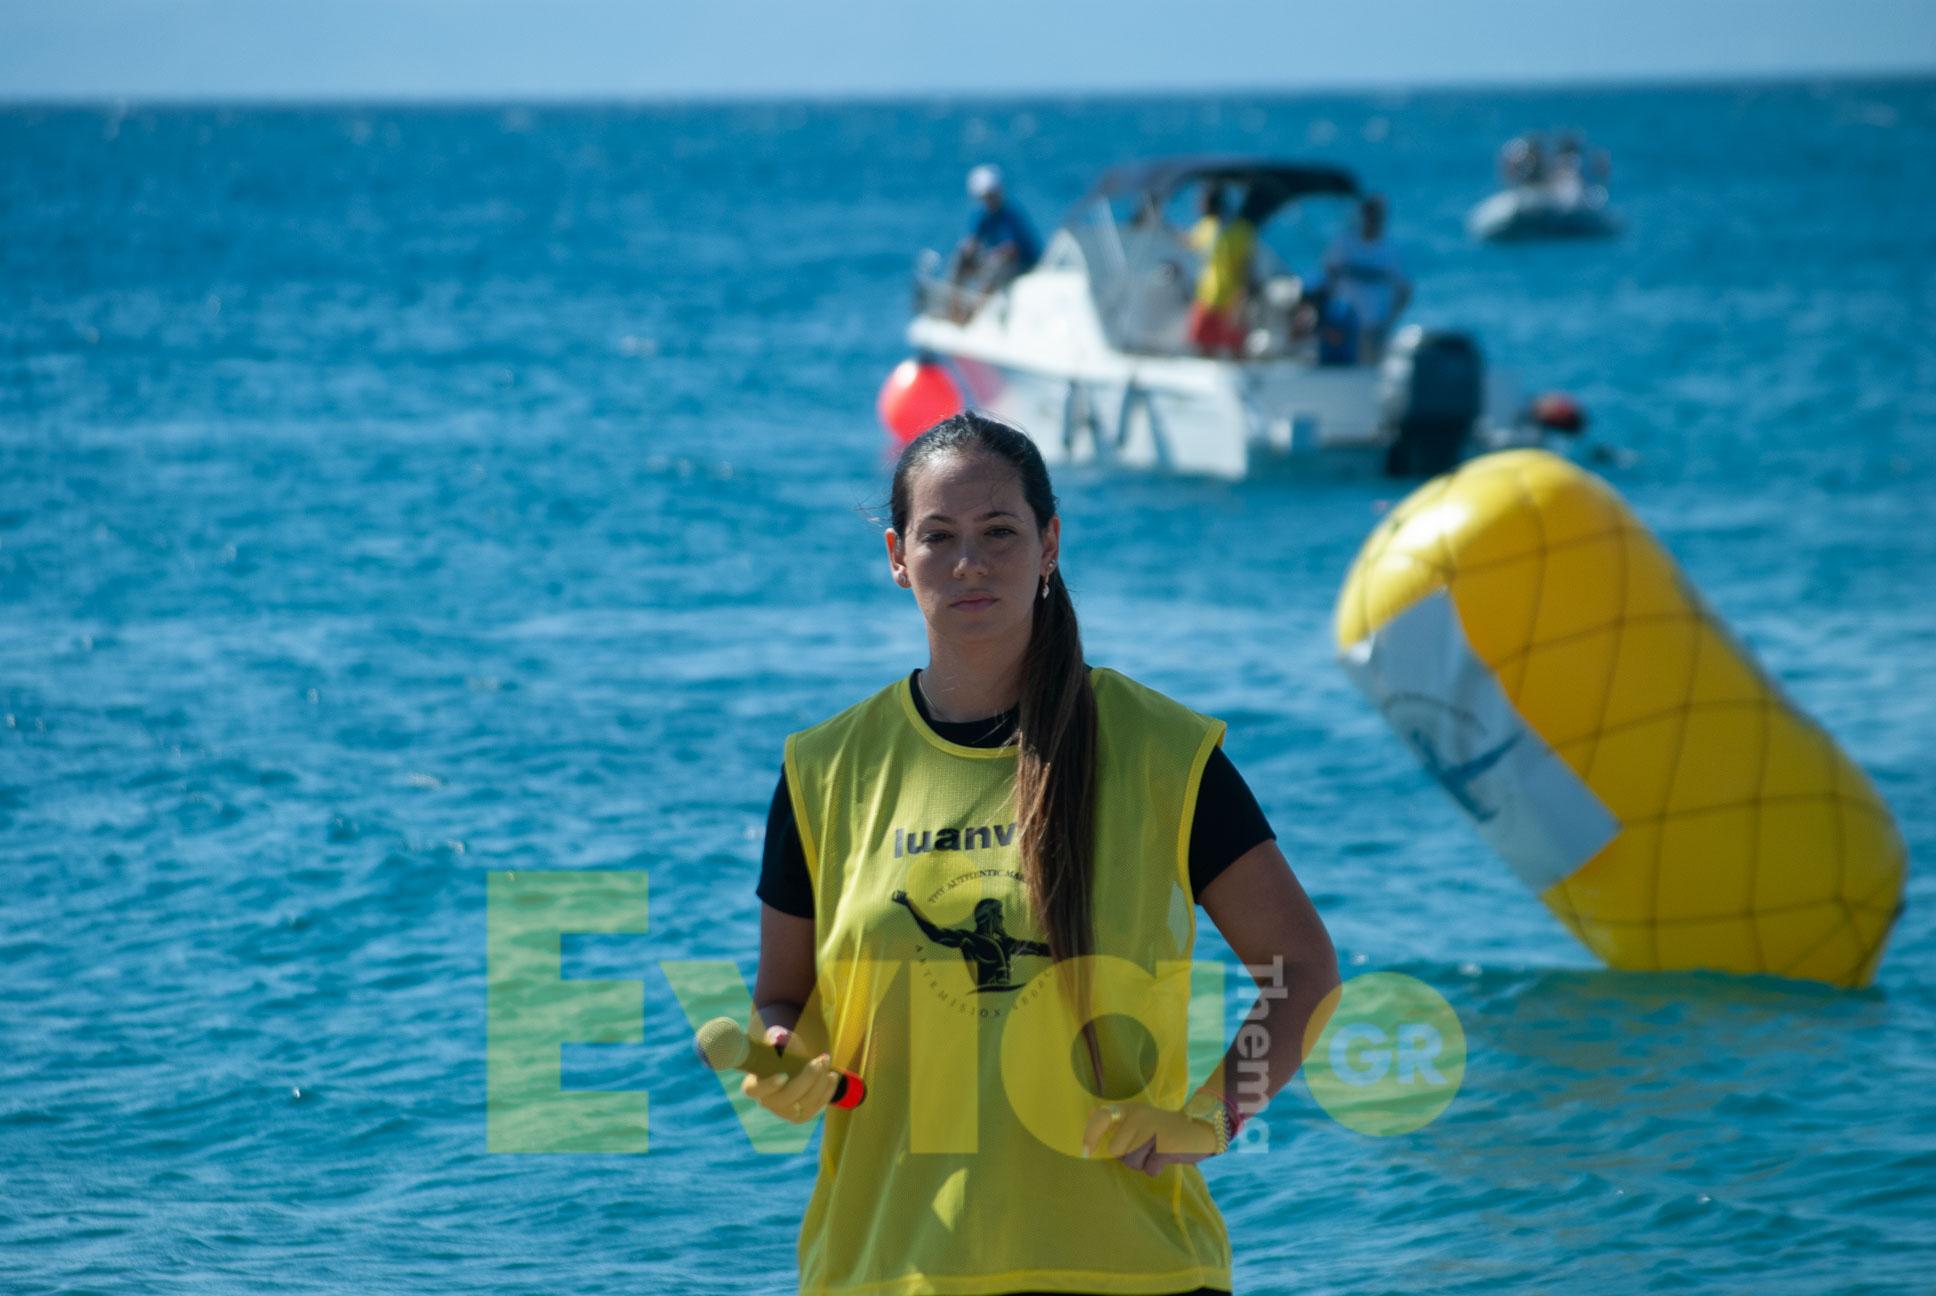 , Ολοκληρώθηκε η Δεύτερη μέρα του Αυθεντικού Μαραθωνίου Κολύμβησης στο Πευκί [ΦΩΤΟΓΡΑΦΙΕΣ – ΒΙΝΤΕΟ], Eviathema.gr | ΕΥΒΟΙΑ ΝΕΑ - Νέα και ειδήσεις από όλη την Εύβοια